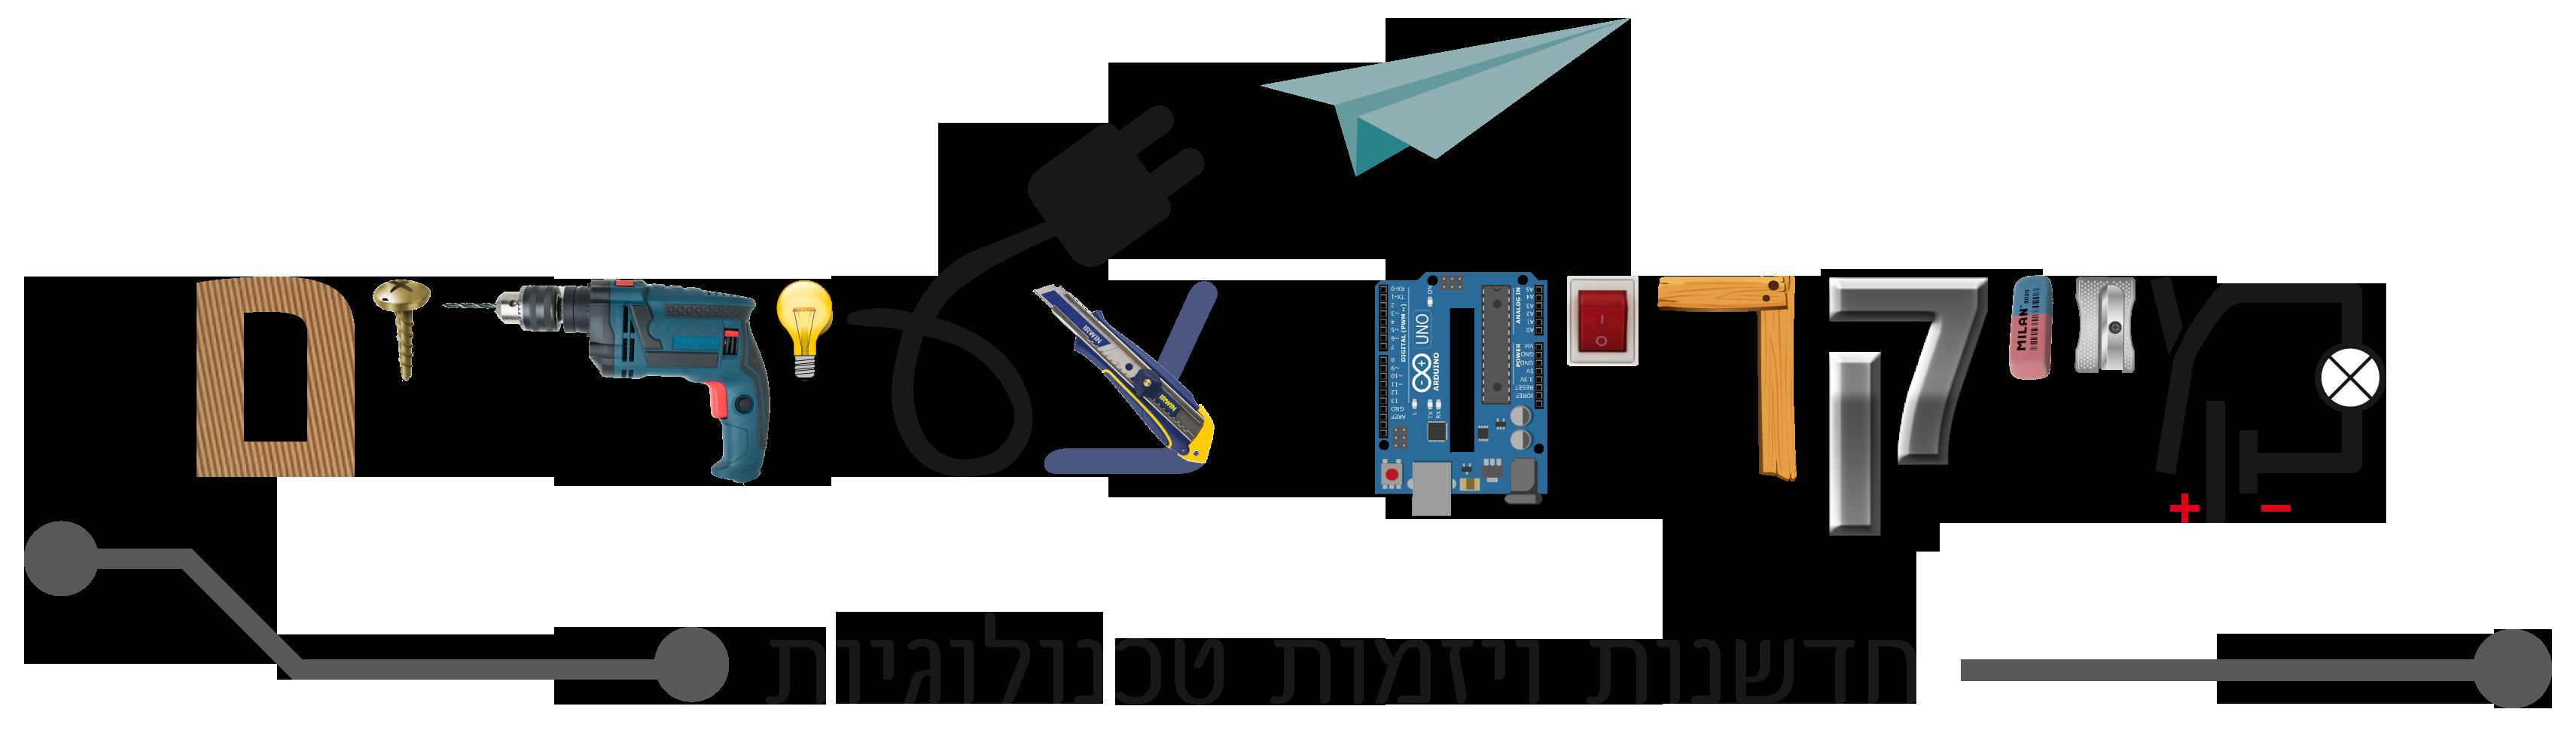 לוגו מייקרים צעירים-עברית טקסט ללא רקע